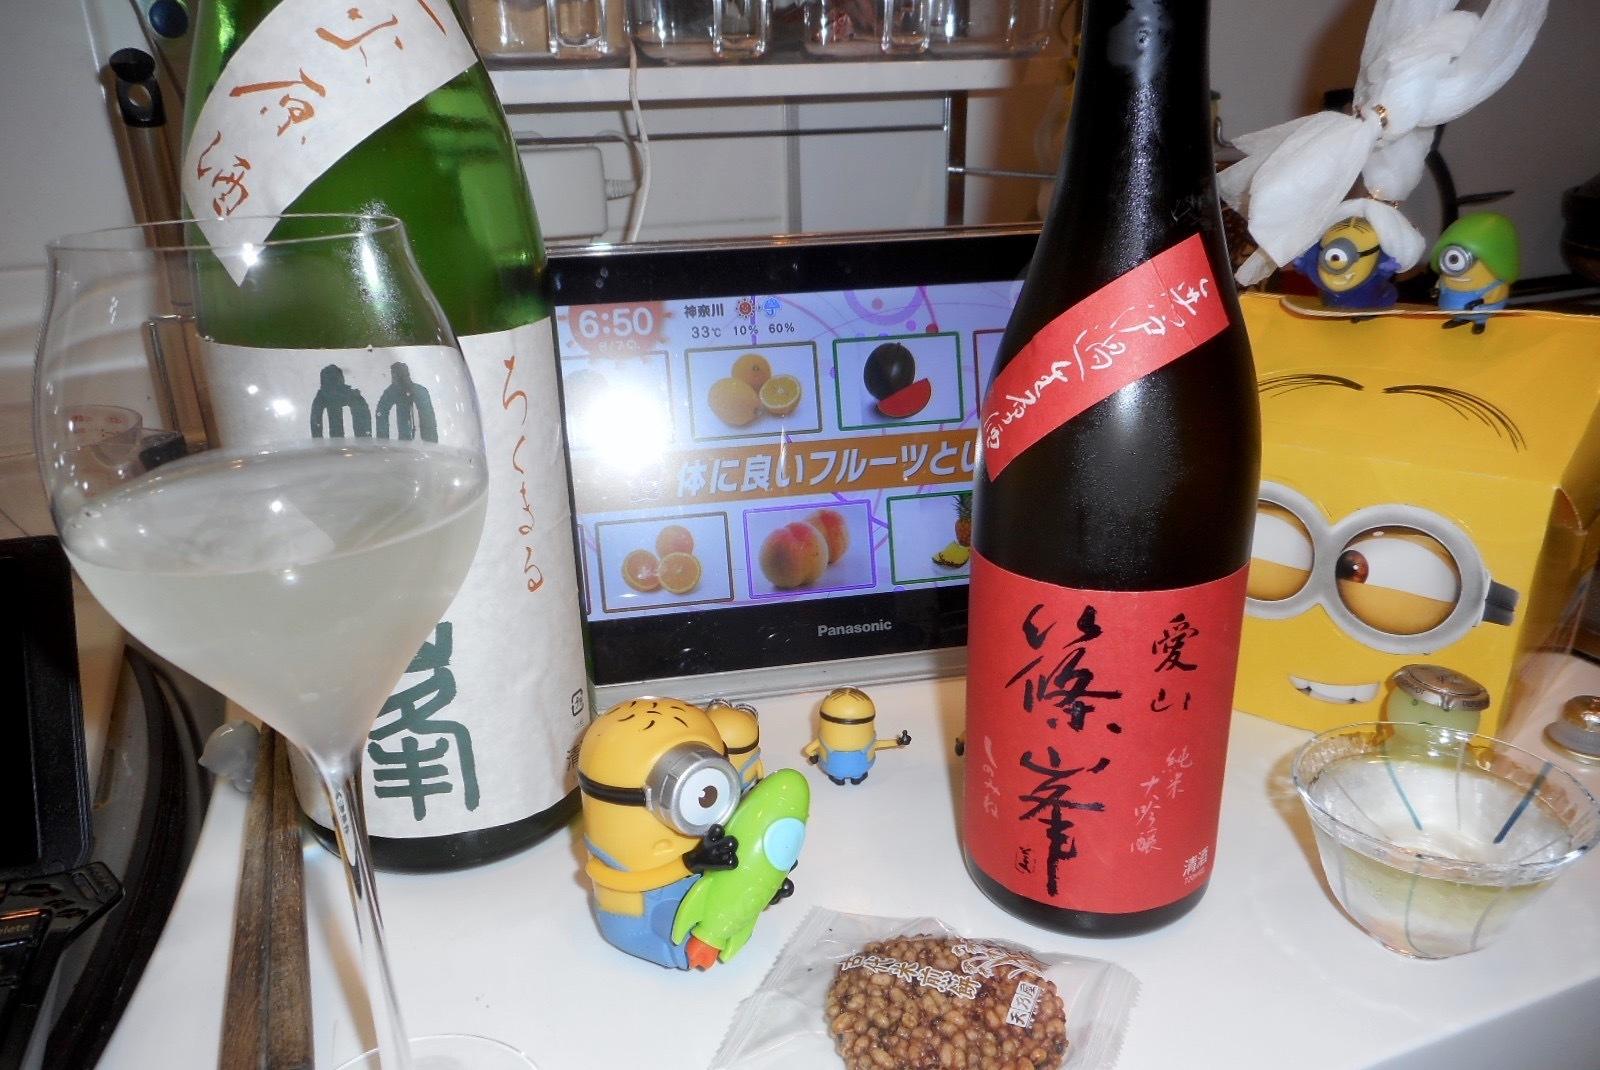 shinomine_aiyama45nama27by10.jpg